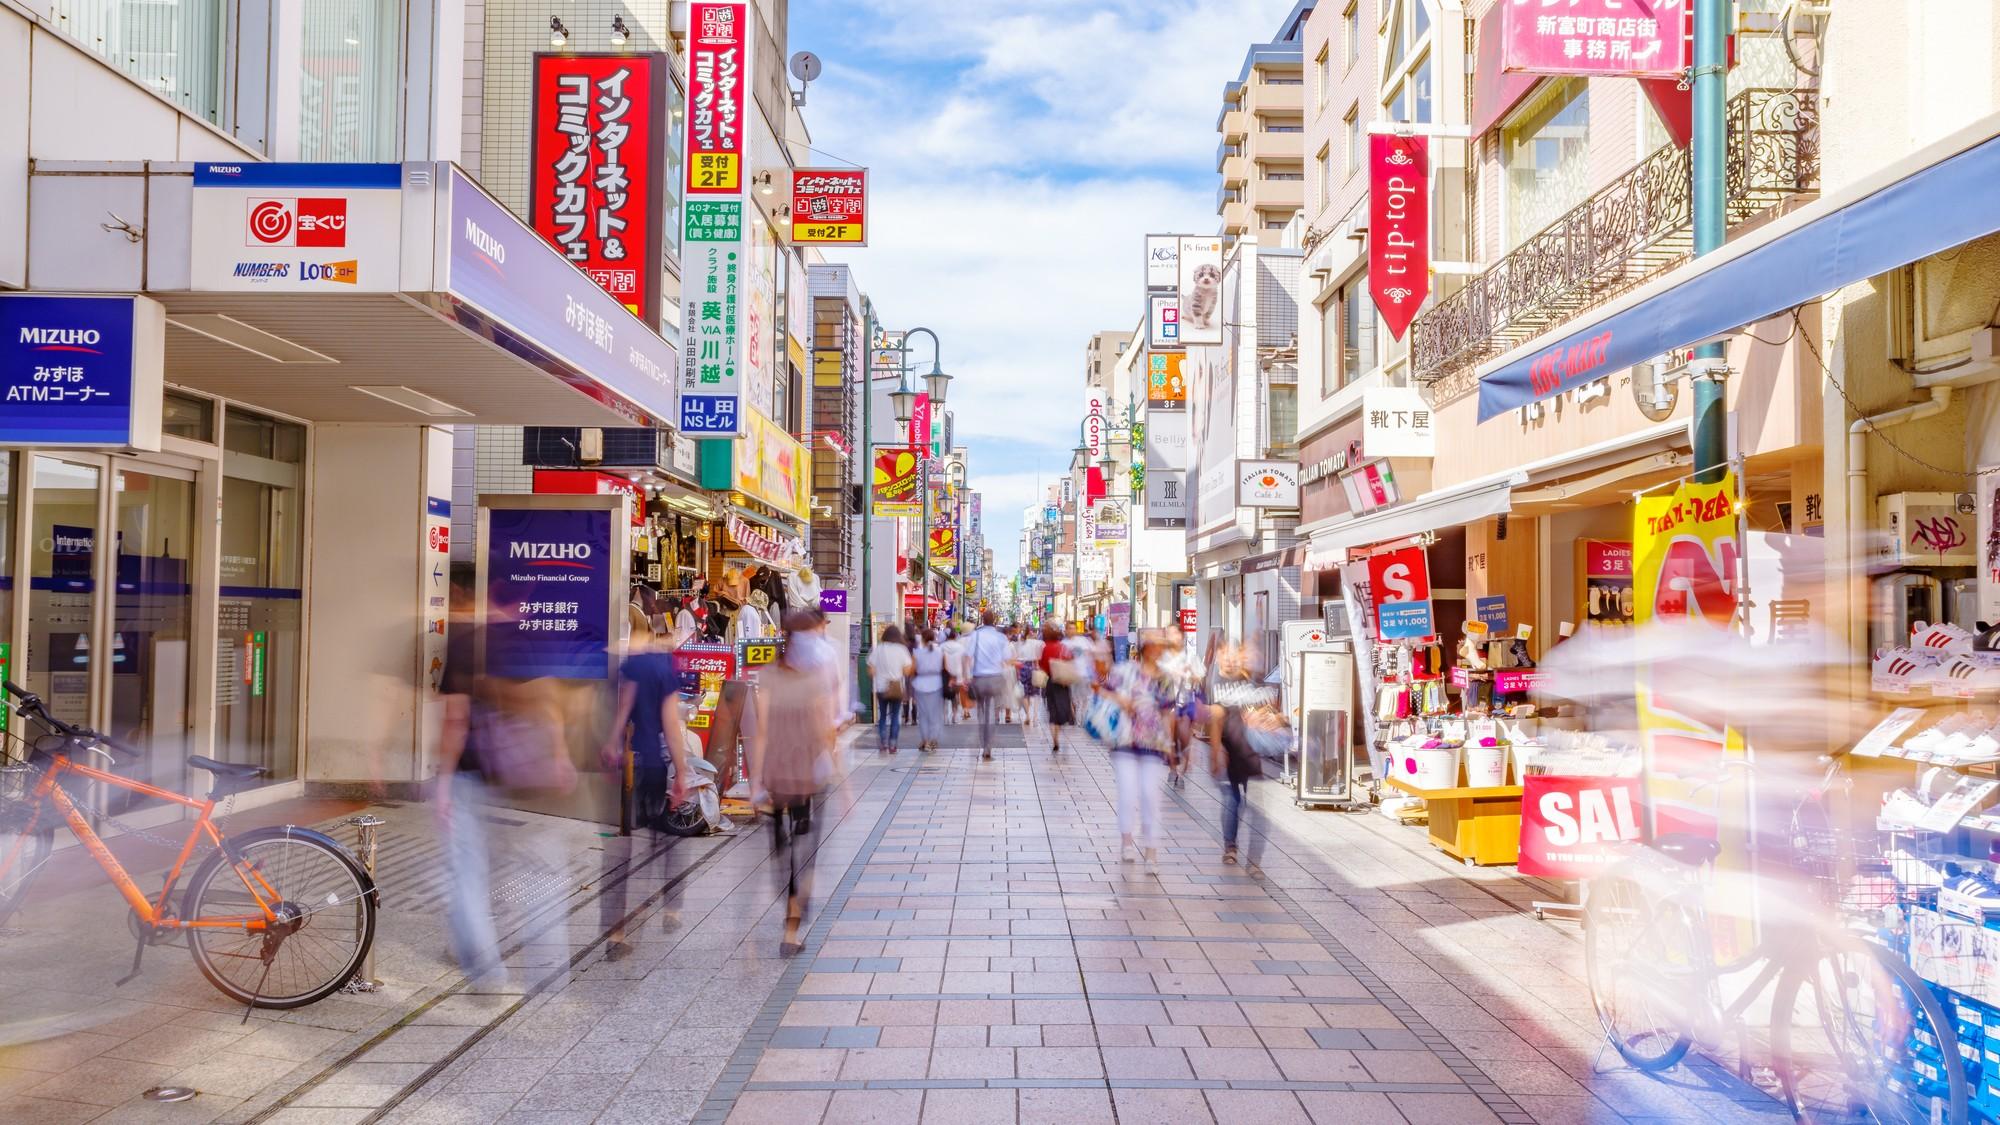 「小江戸・川越」観光客700万人突破の先にある20年後の死角